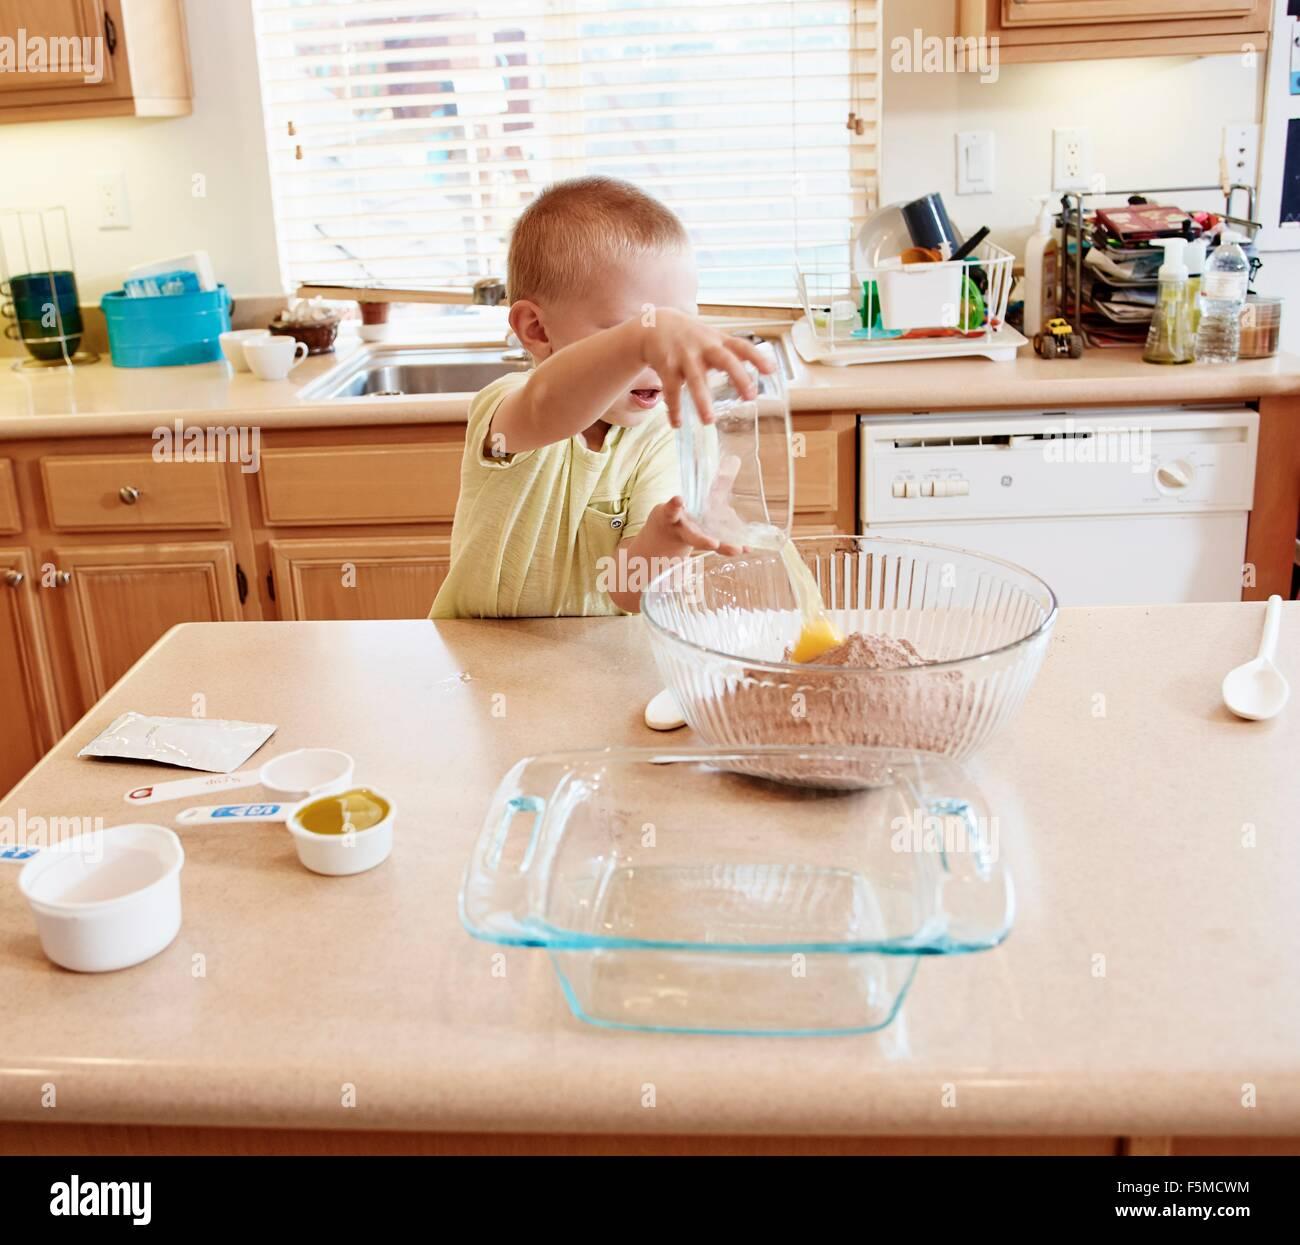 Garçon la préparation dans un bol à mélanger la pâte Photo Stock